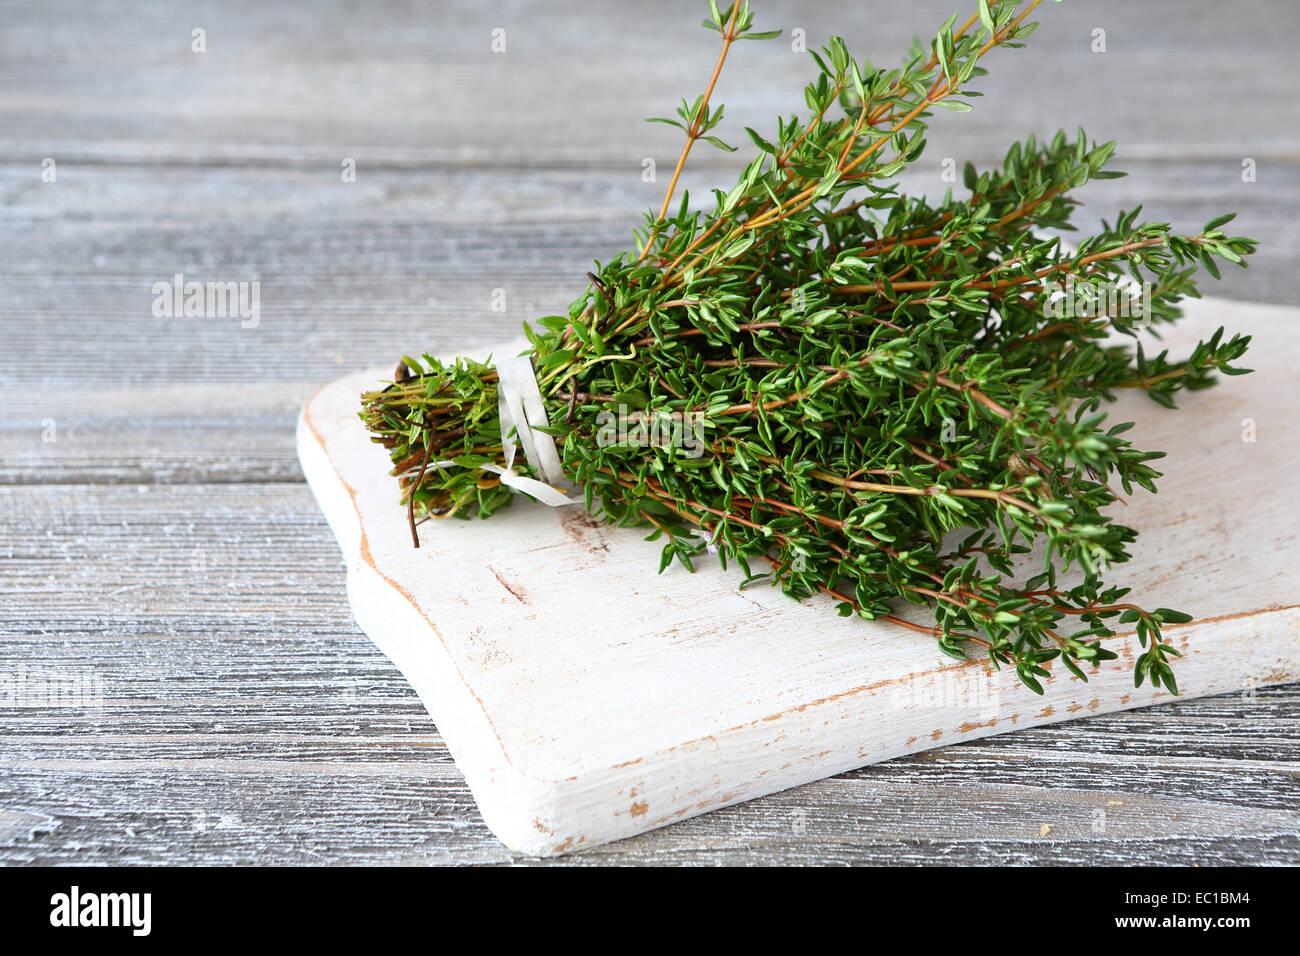 Bouquet de thym parfumé aux herbes, épices Banque D'Images